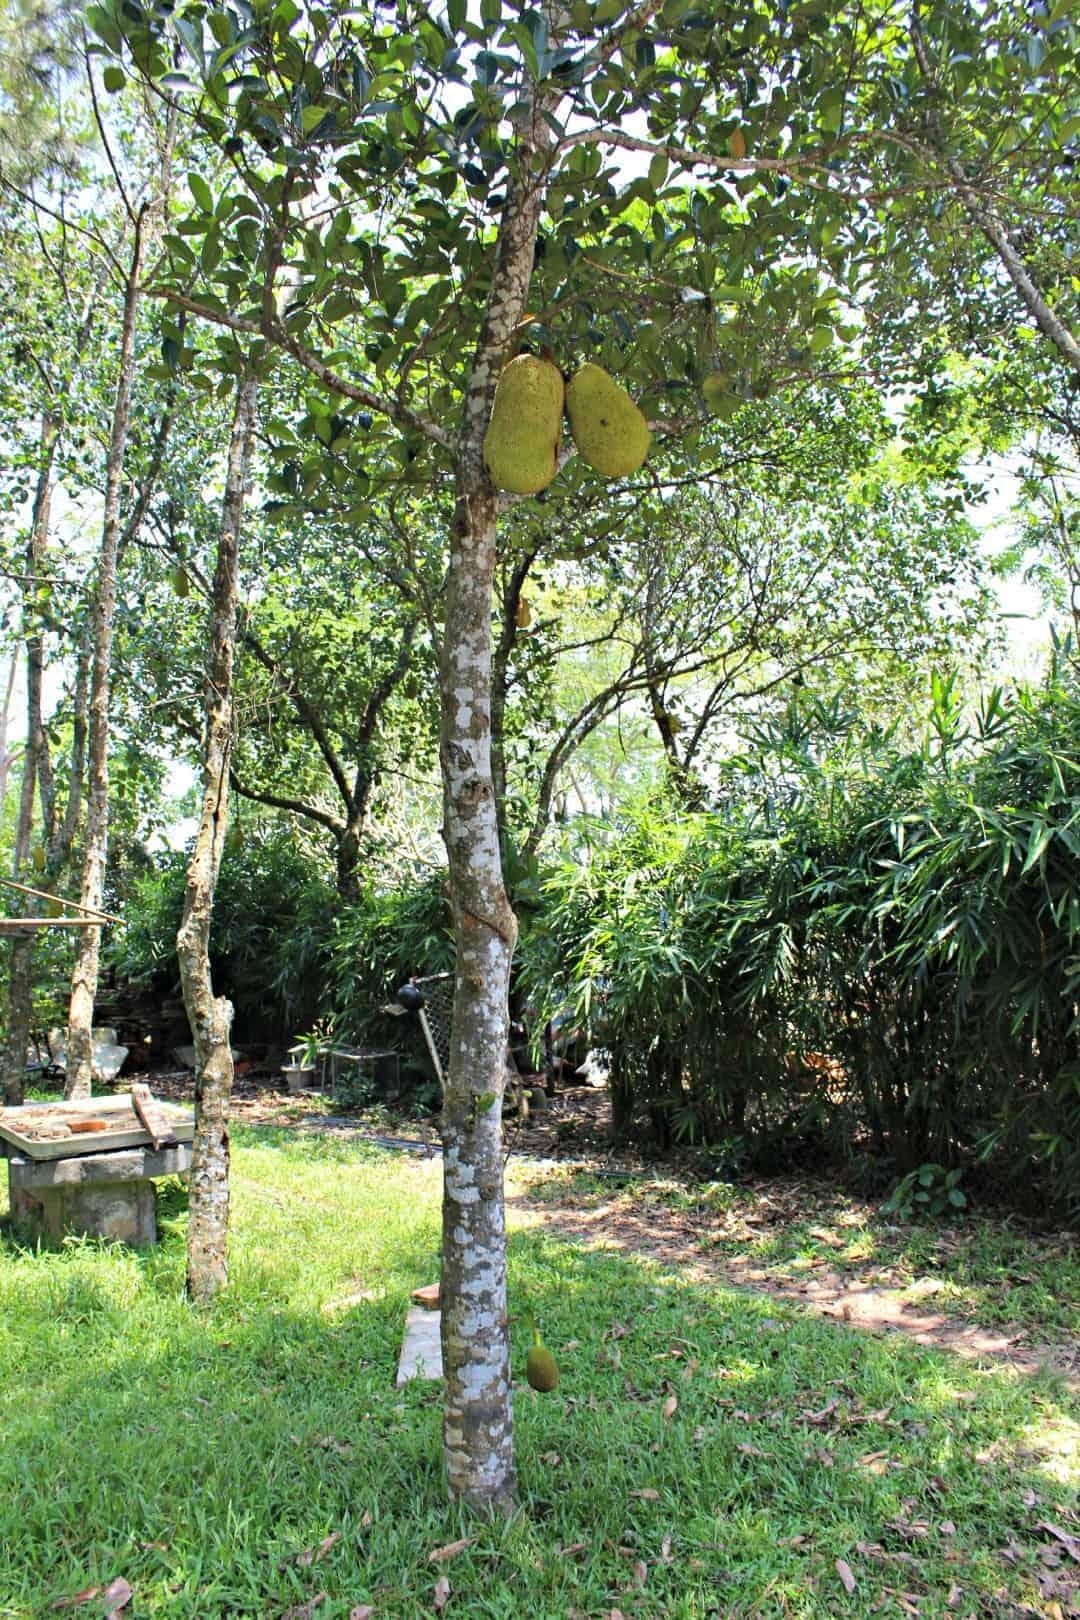 jacks fruit market bay city vietnam part iii hue the kiwi country ...